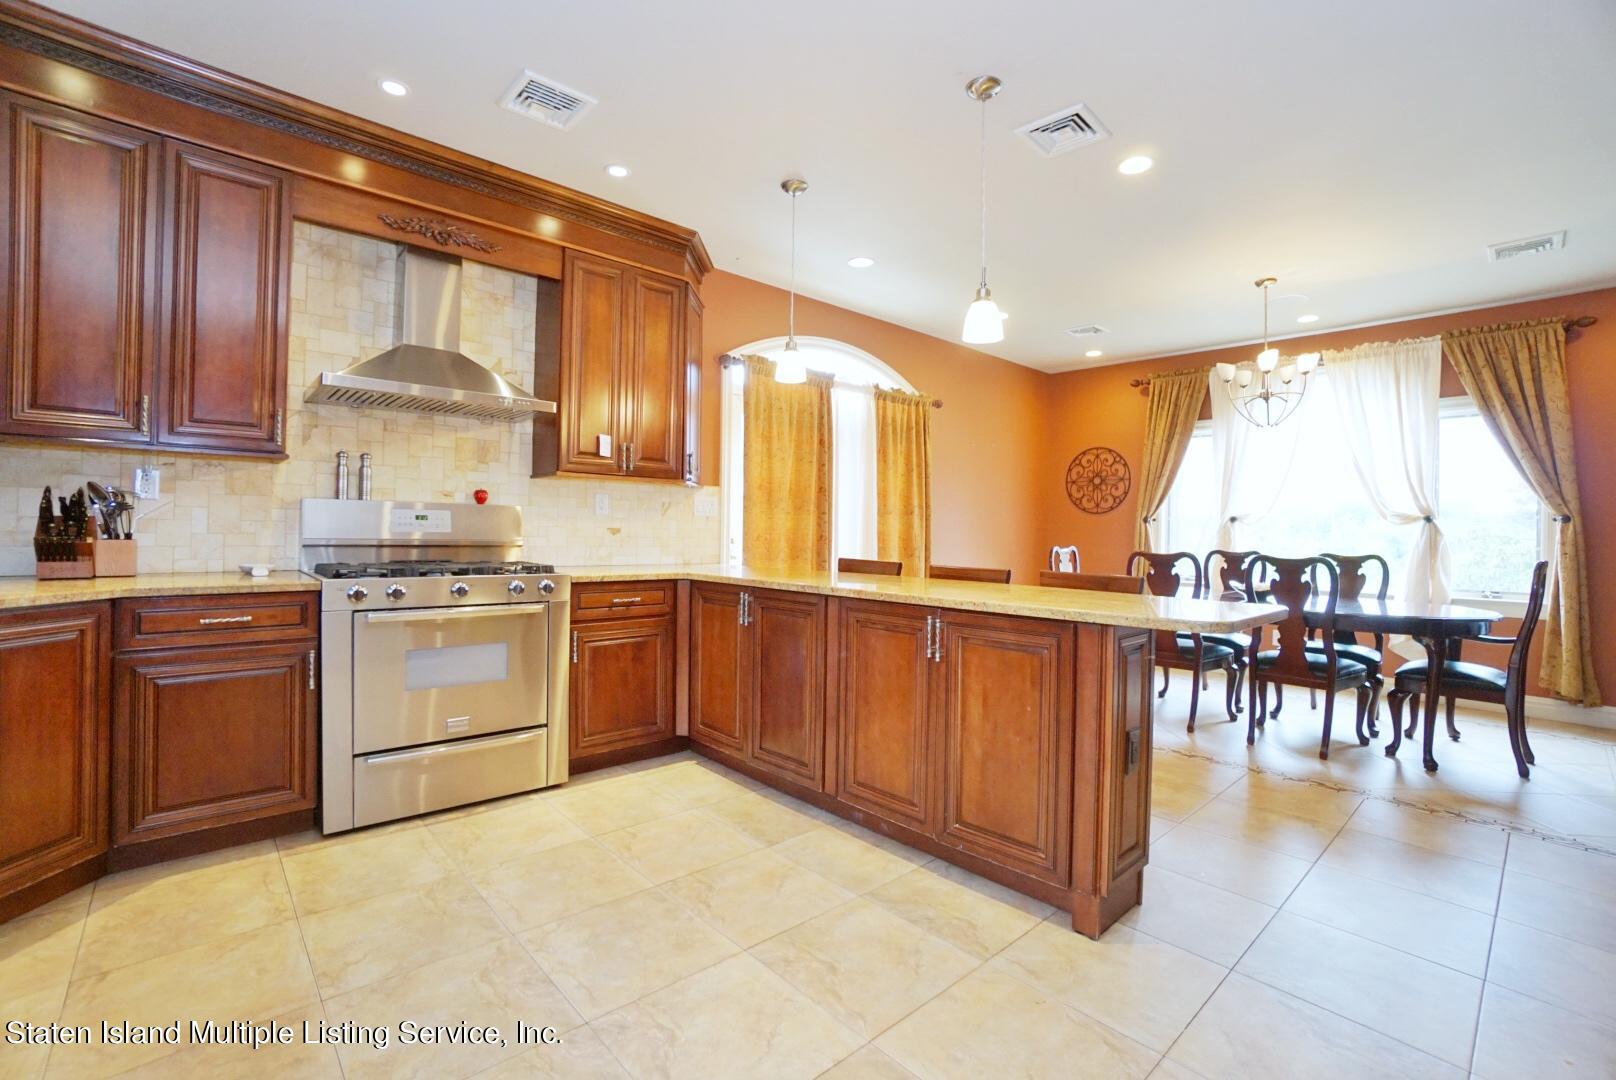 Single Family - Detached 206 Ramapo Avenue  Staten Island, NY 10309, MLS-1147193-12